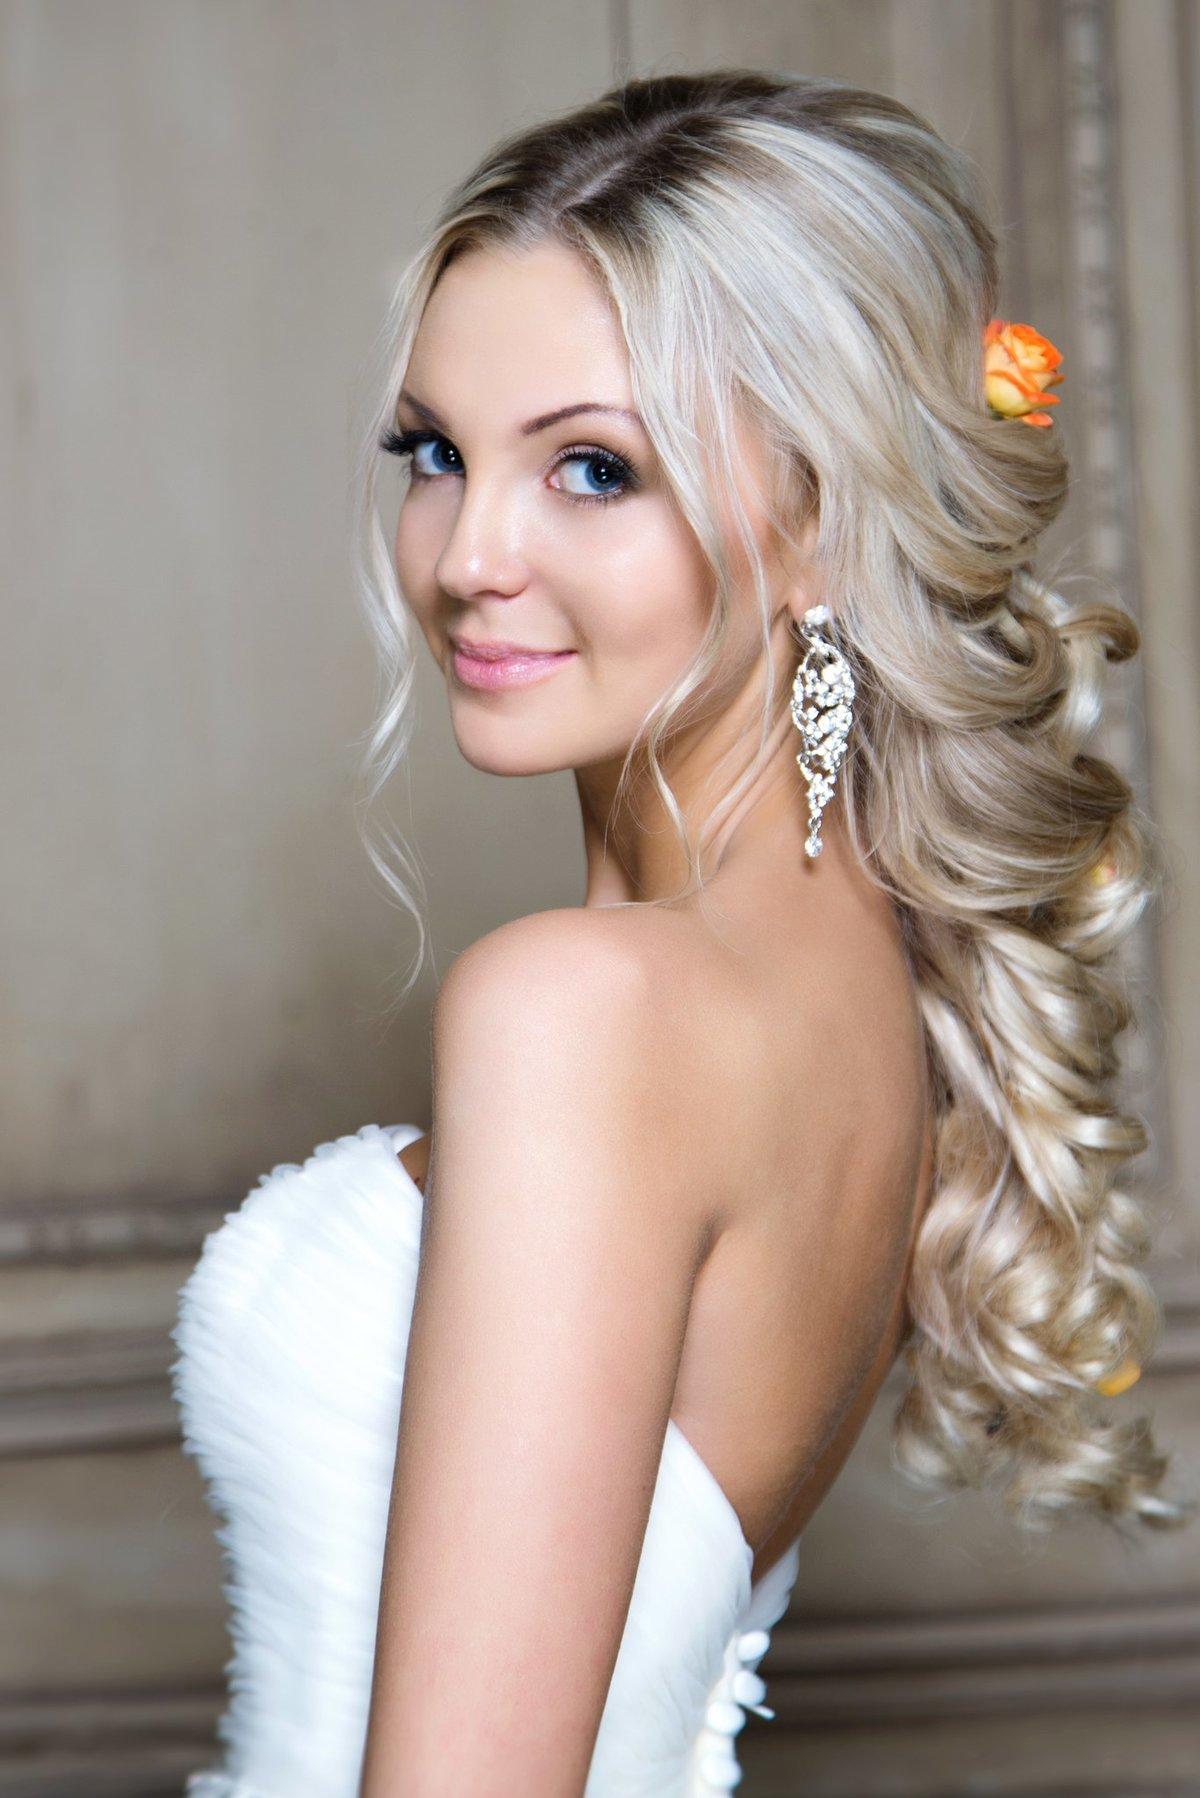 самый большой красивые невестки блондинки фото порно видео порнофильм